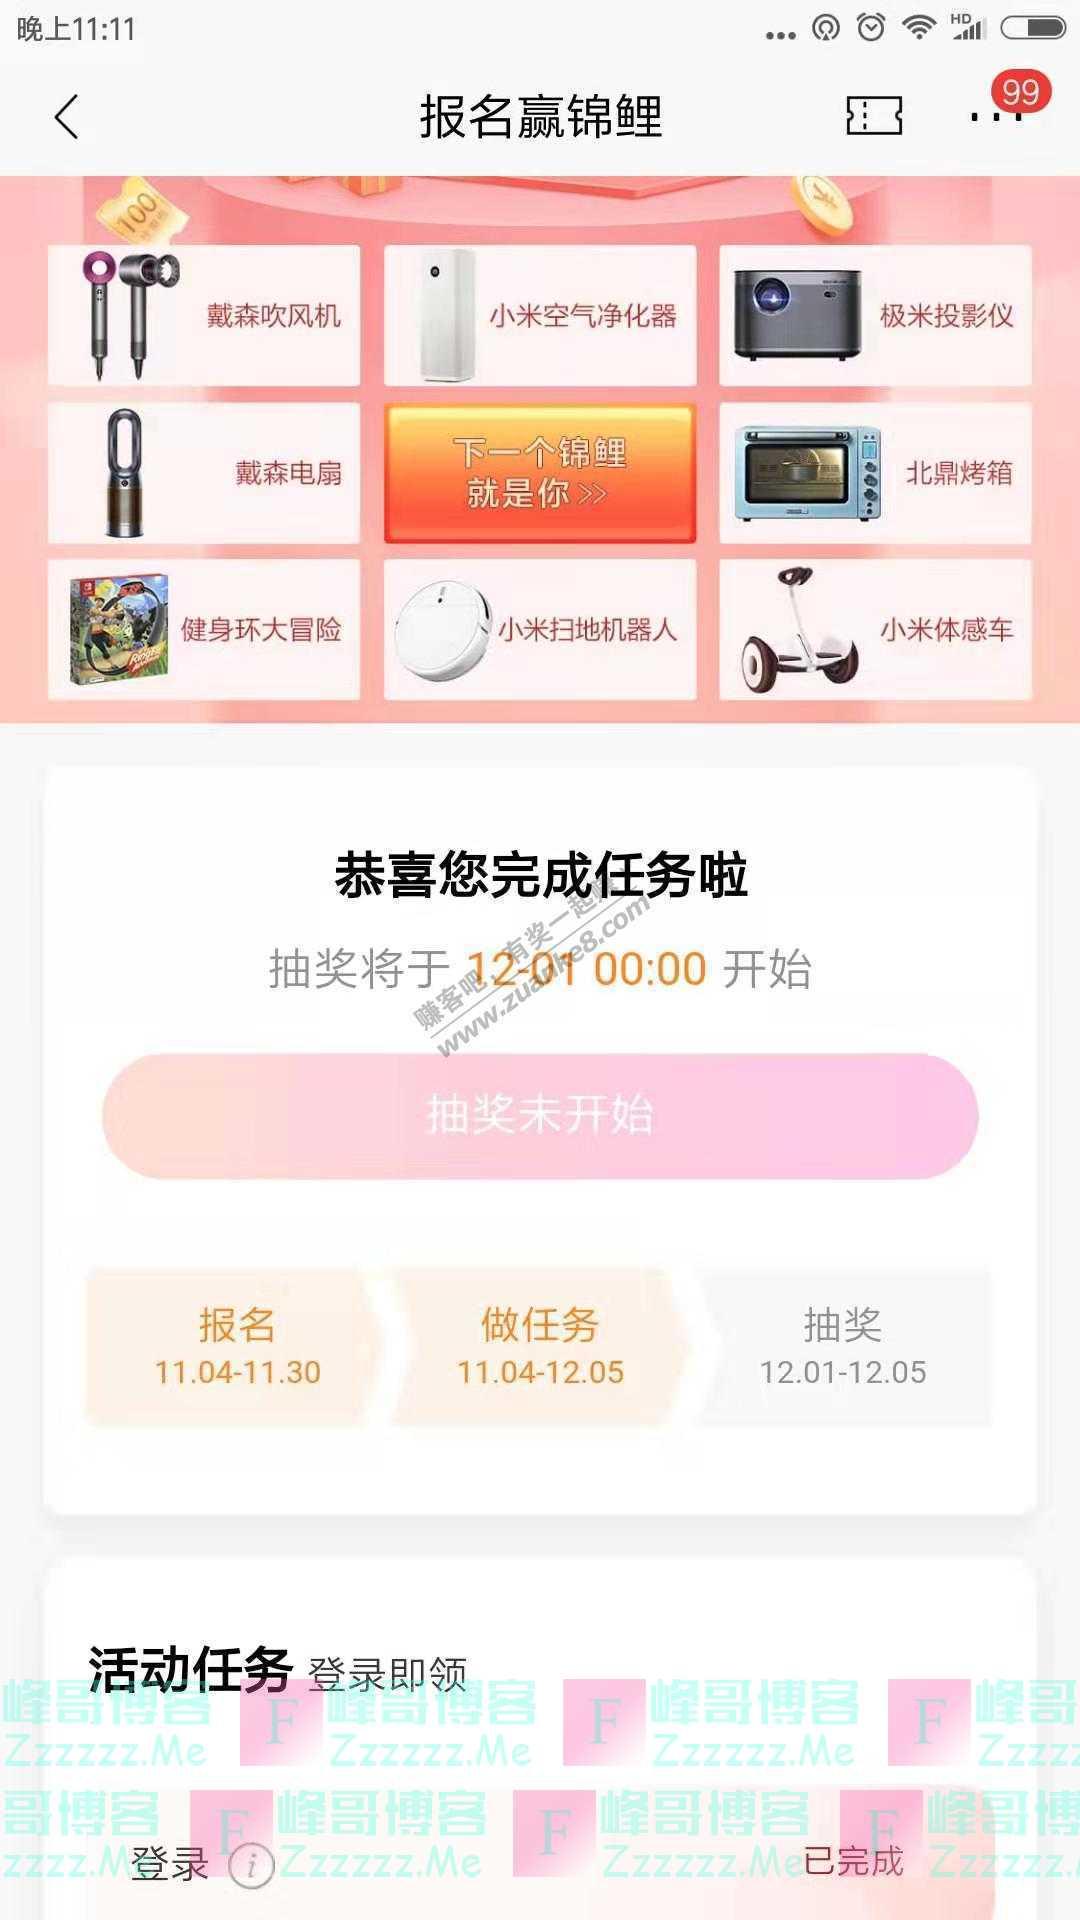 招商银行app报名赢锦鲤(截止12月5日)